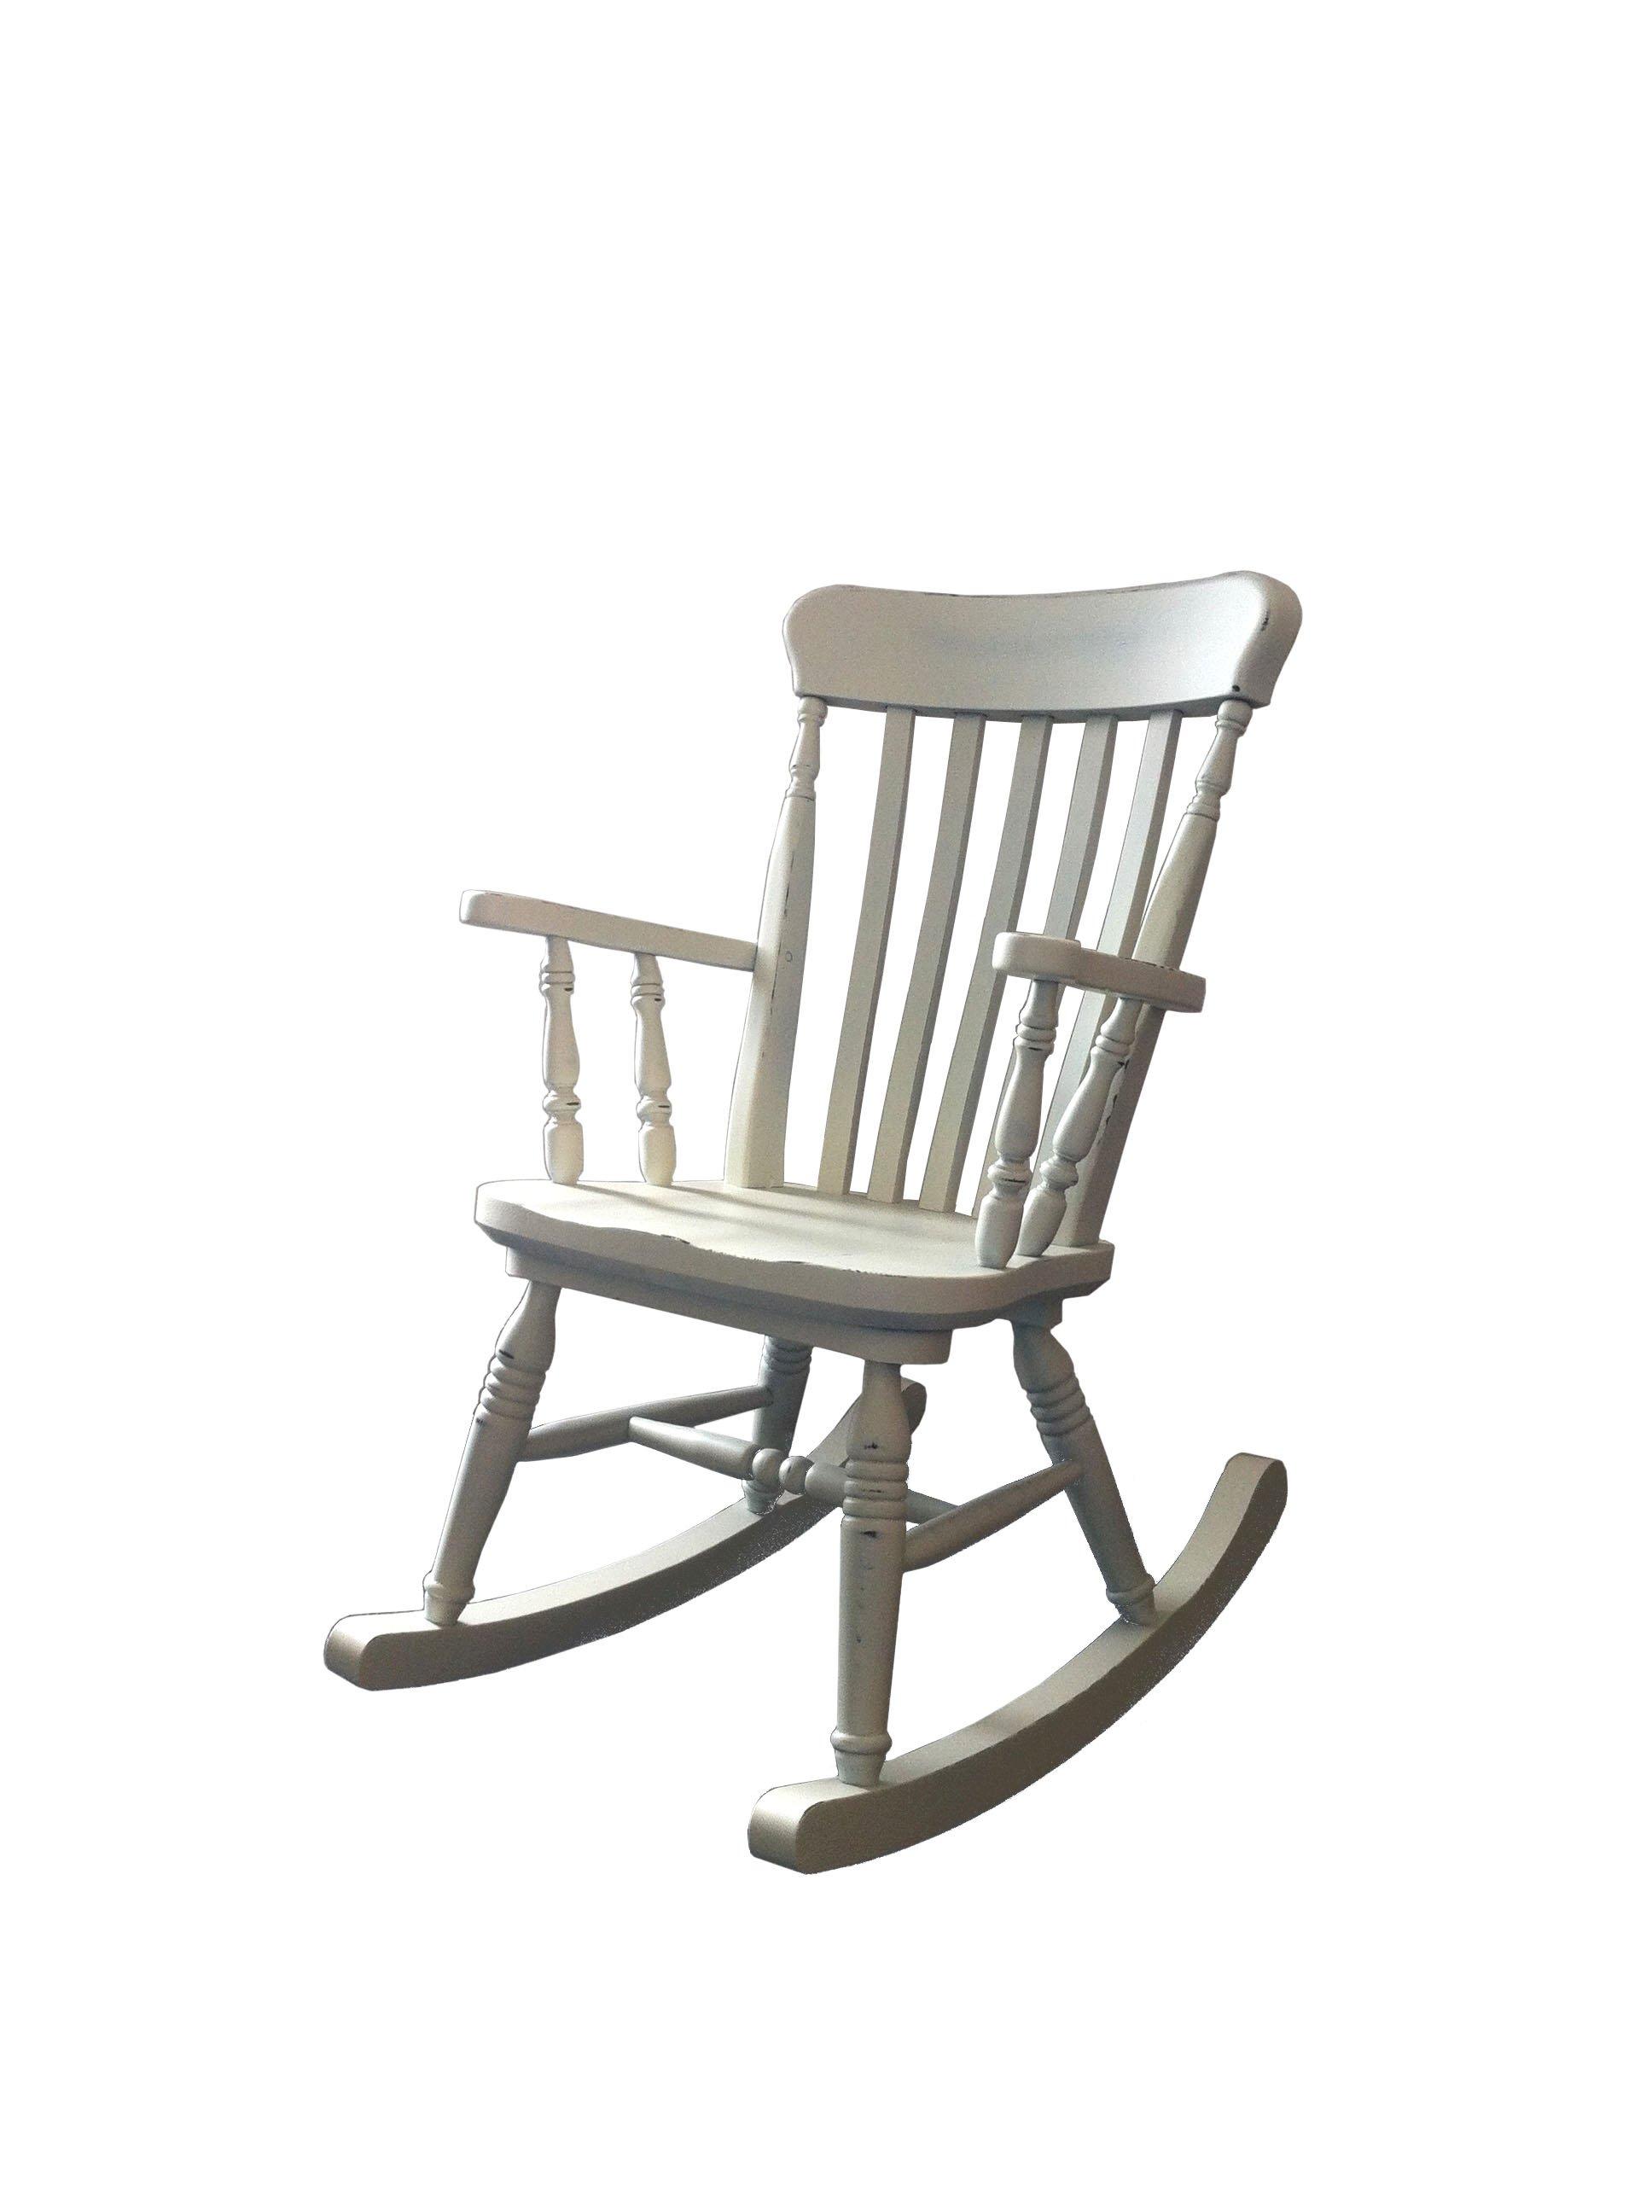 Sedia a Dondolo Rustica in legno rustico country cucina ristorante ...